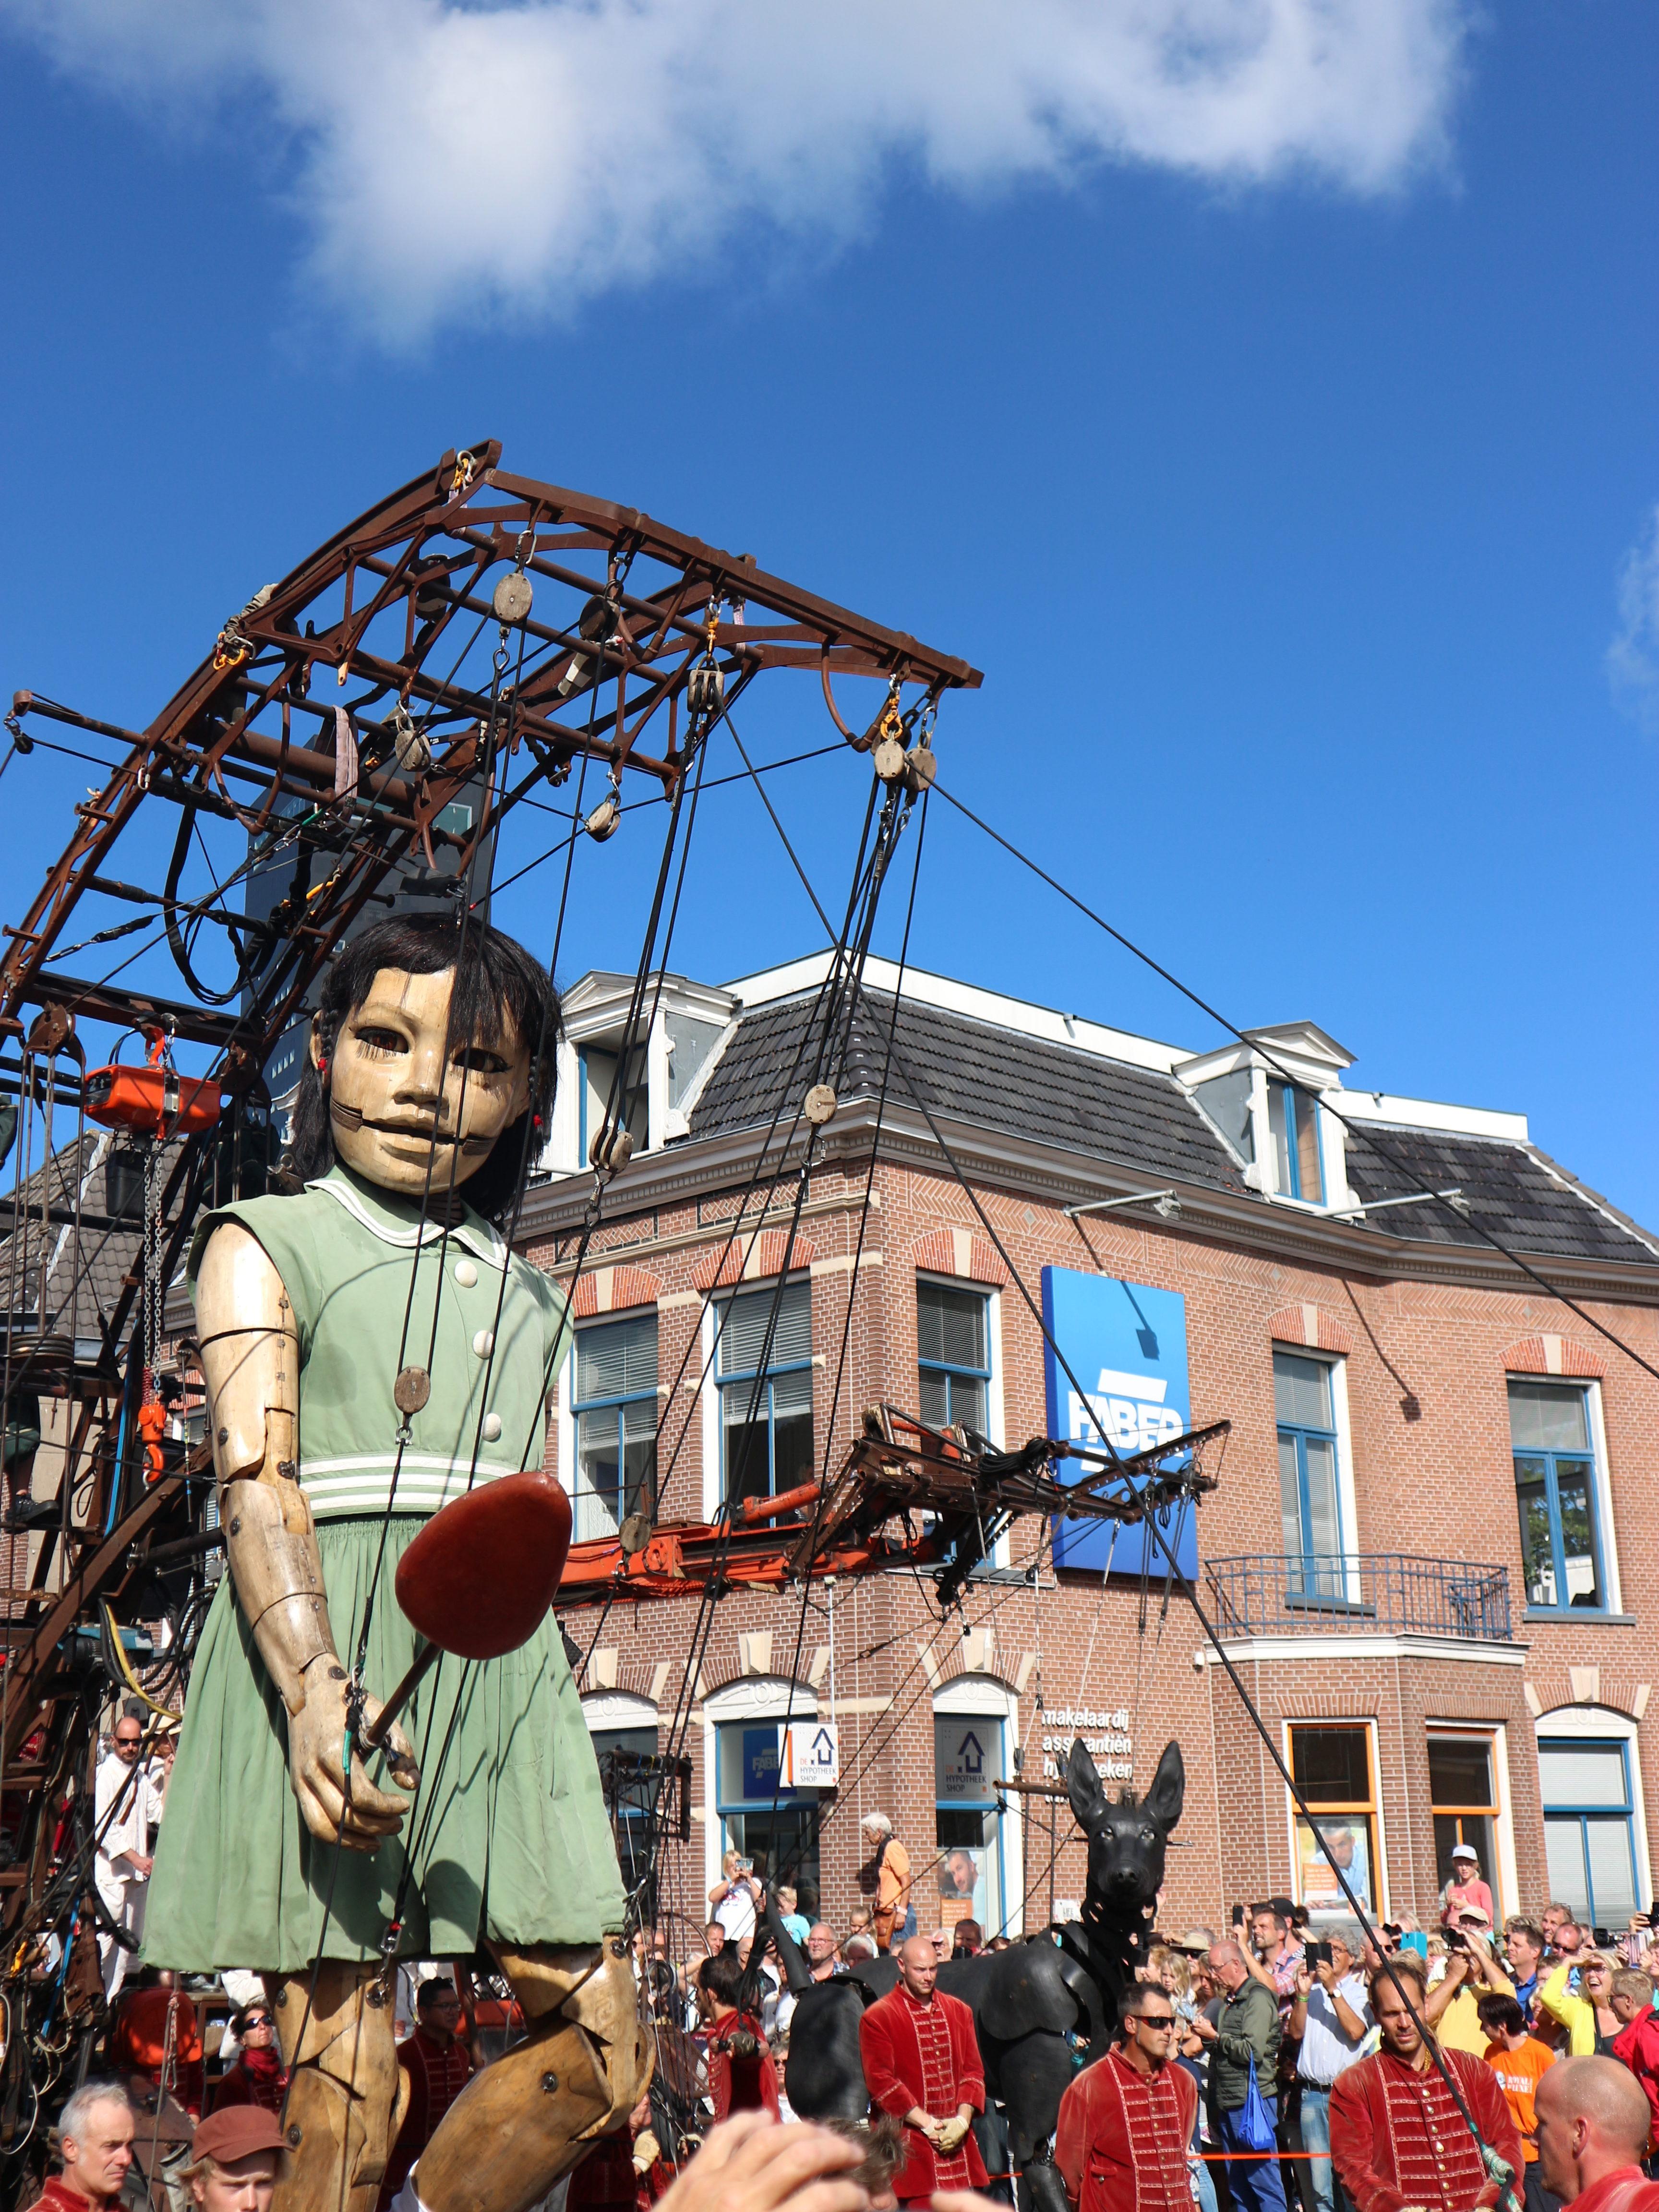 Royal de Luxe bezoekt culturele hoofdstad 2018, Leeuwarden